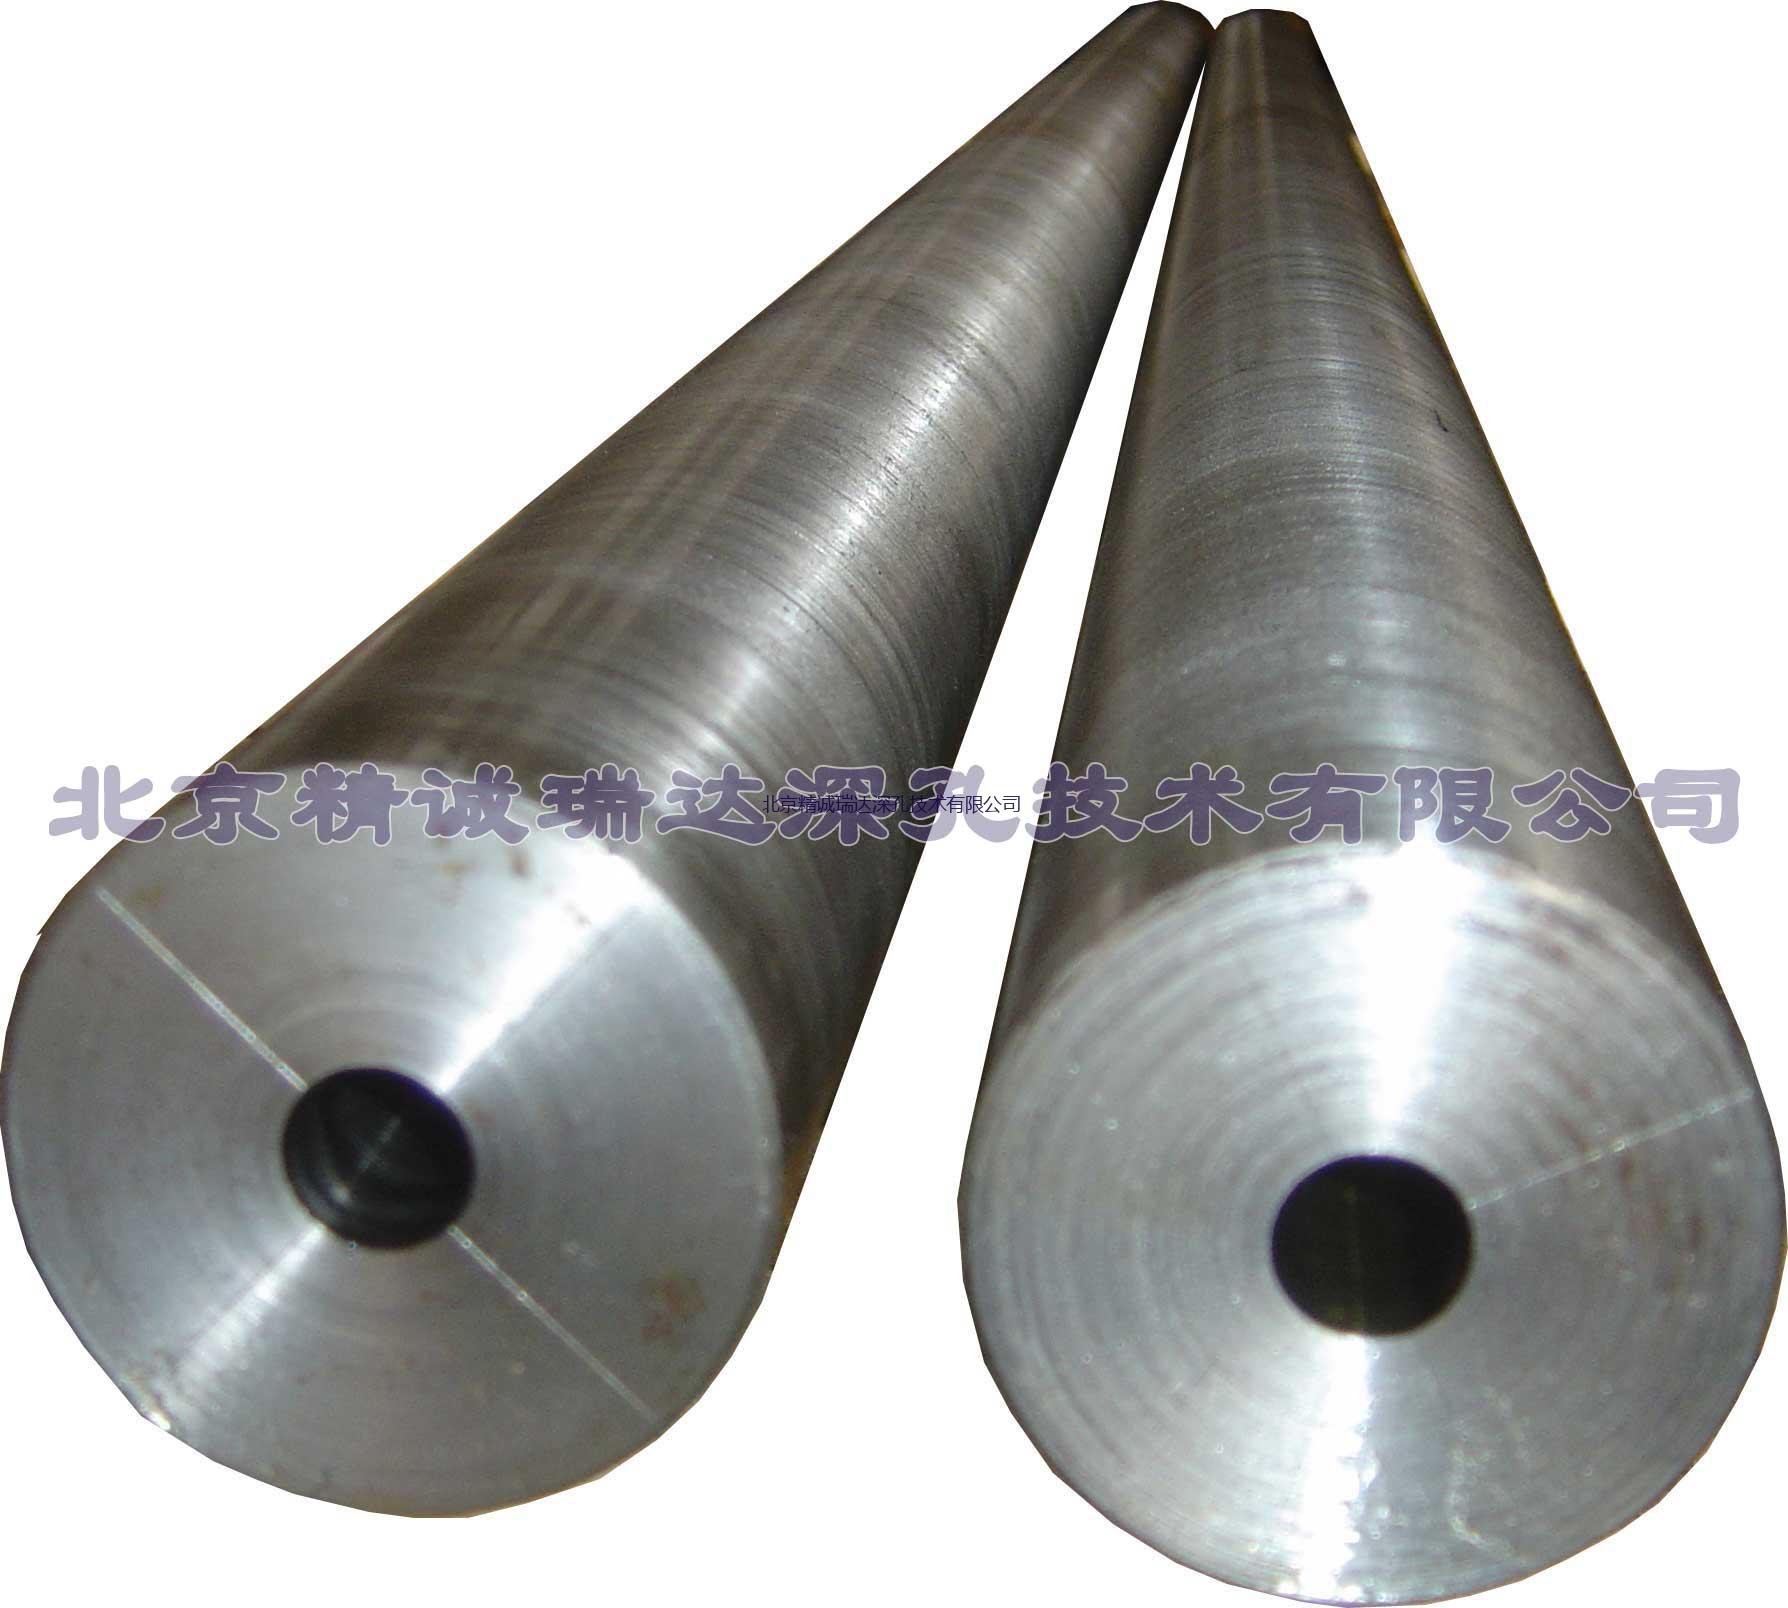 调质钢深孔加工